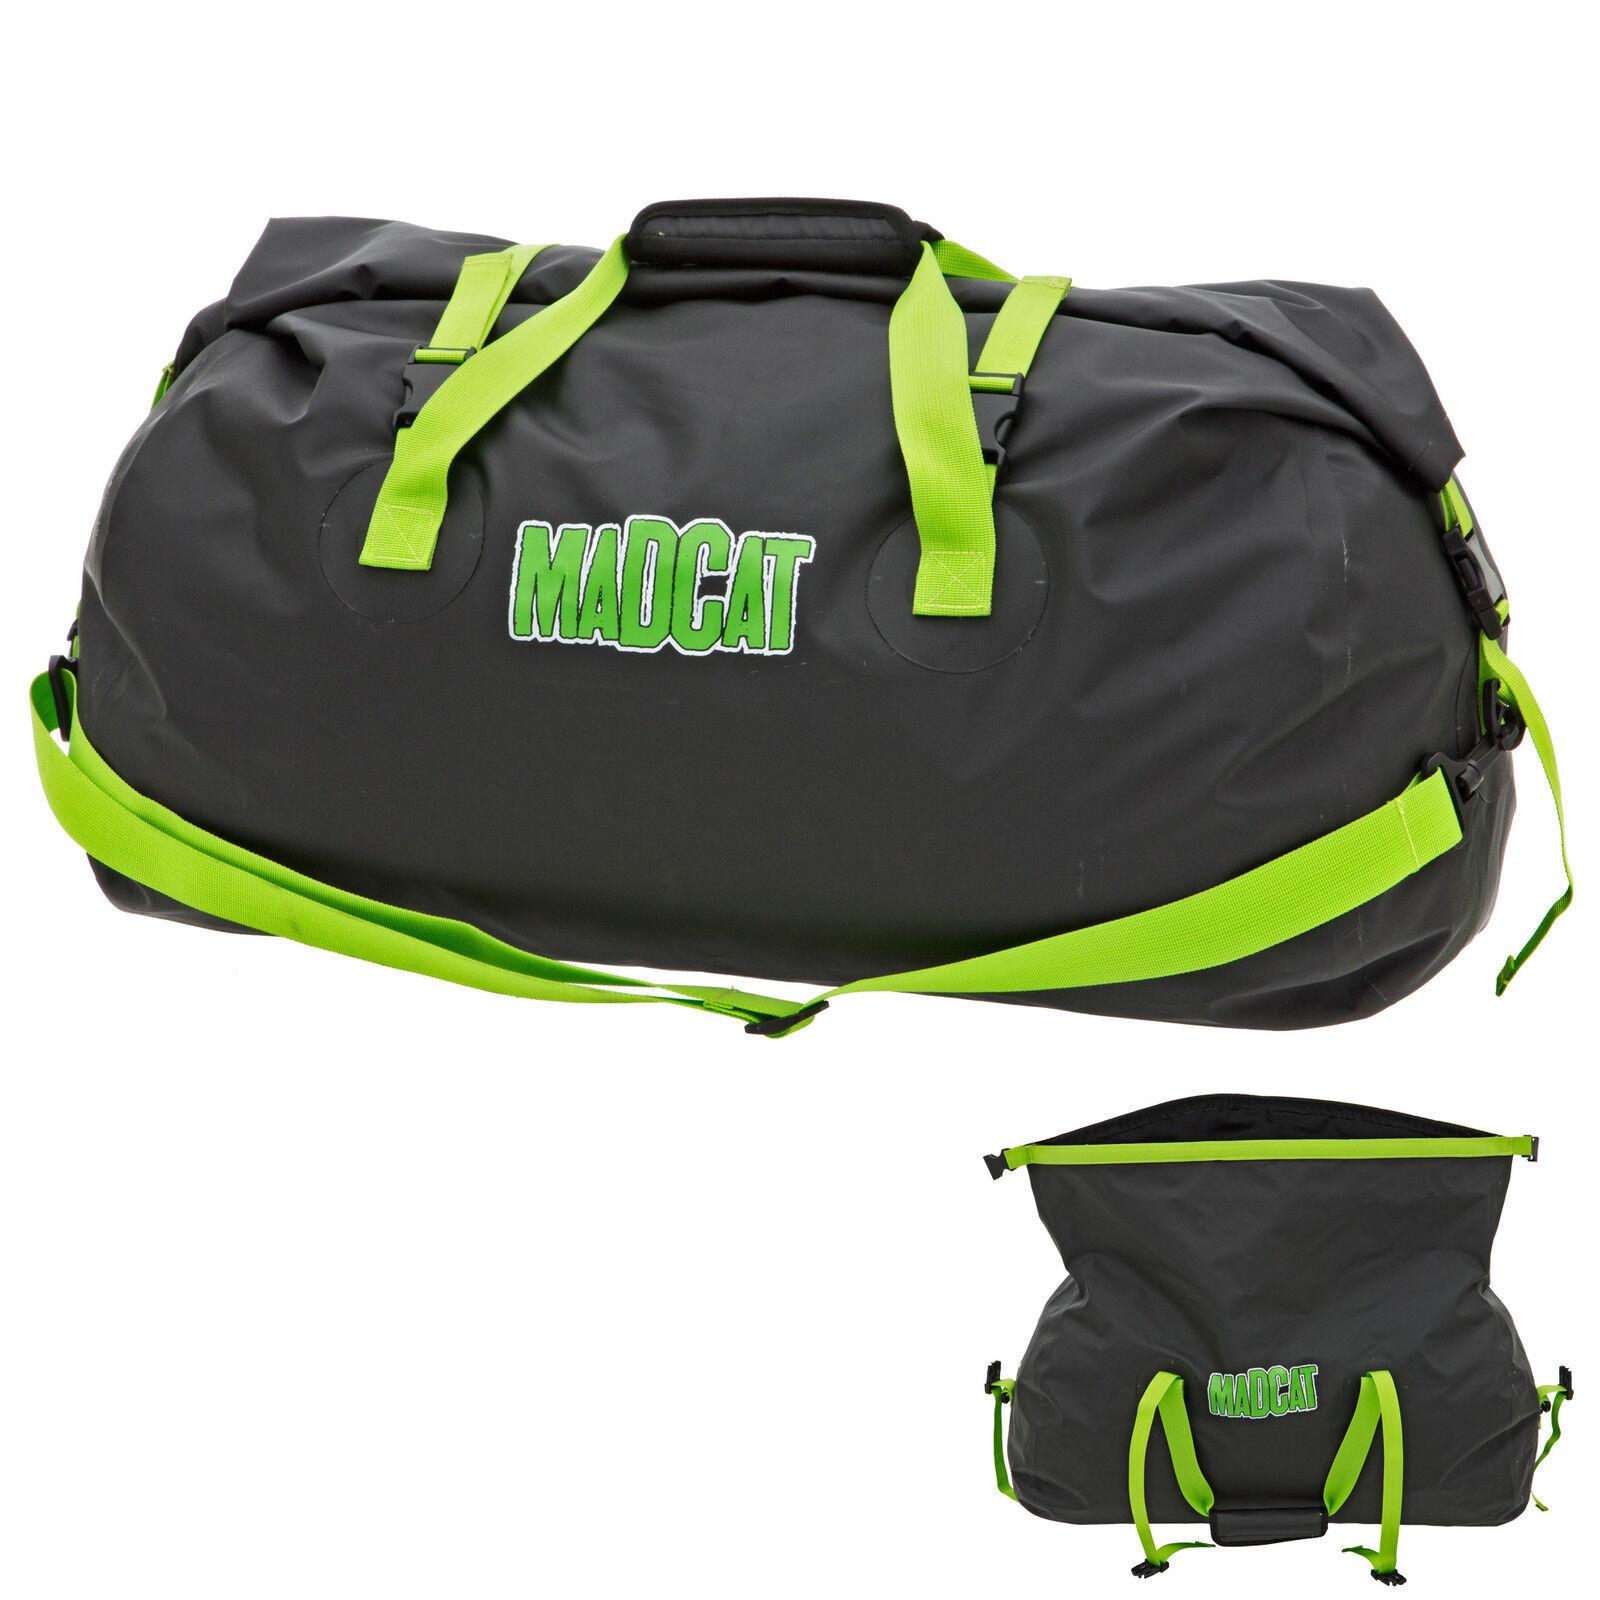 DAM MADCAT® Waterproof Bag DLX 60L Wasserdichte Tasche im Reisetaschenformat